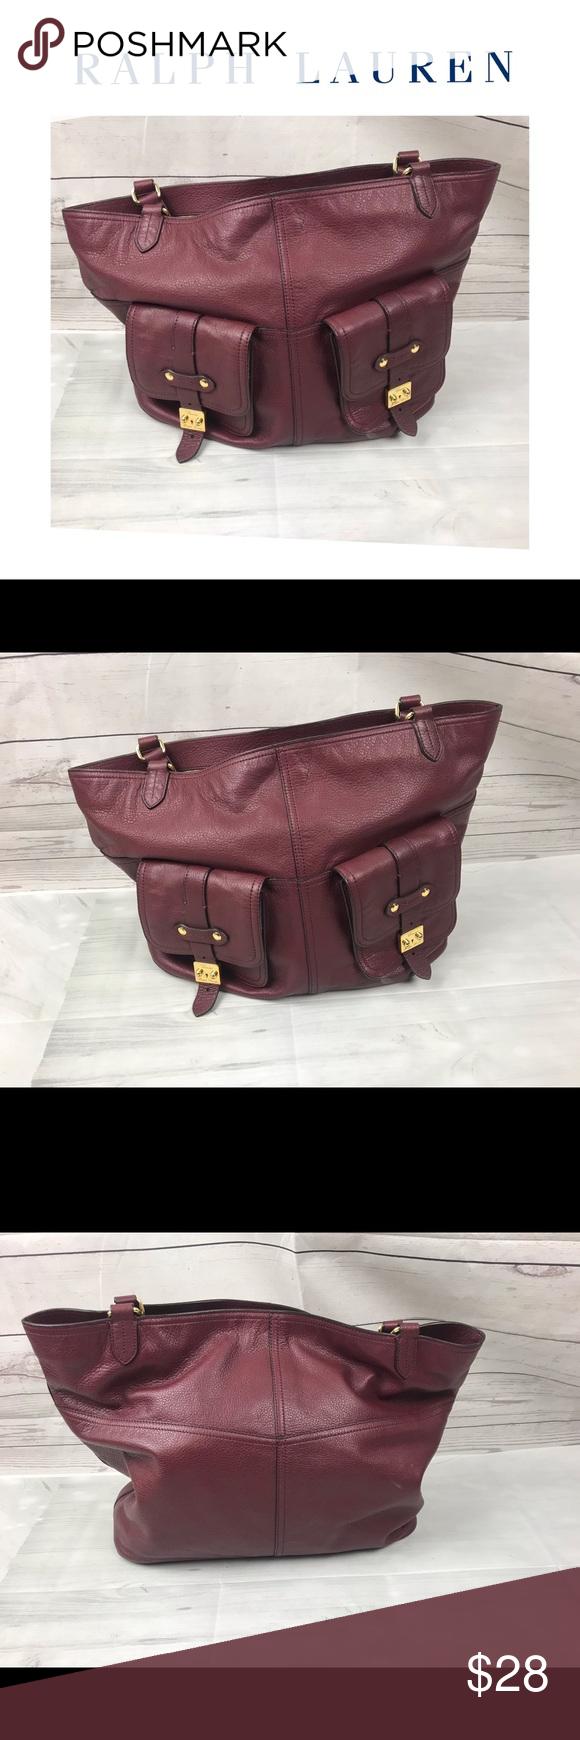 Ralph Lauren Vegan Handbag Ralph Lauren Vegan Handbag. Measures 19x14. In  great shape! 1de9875fda